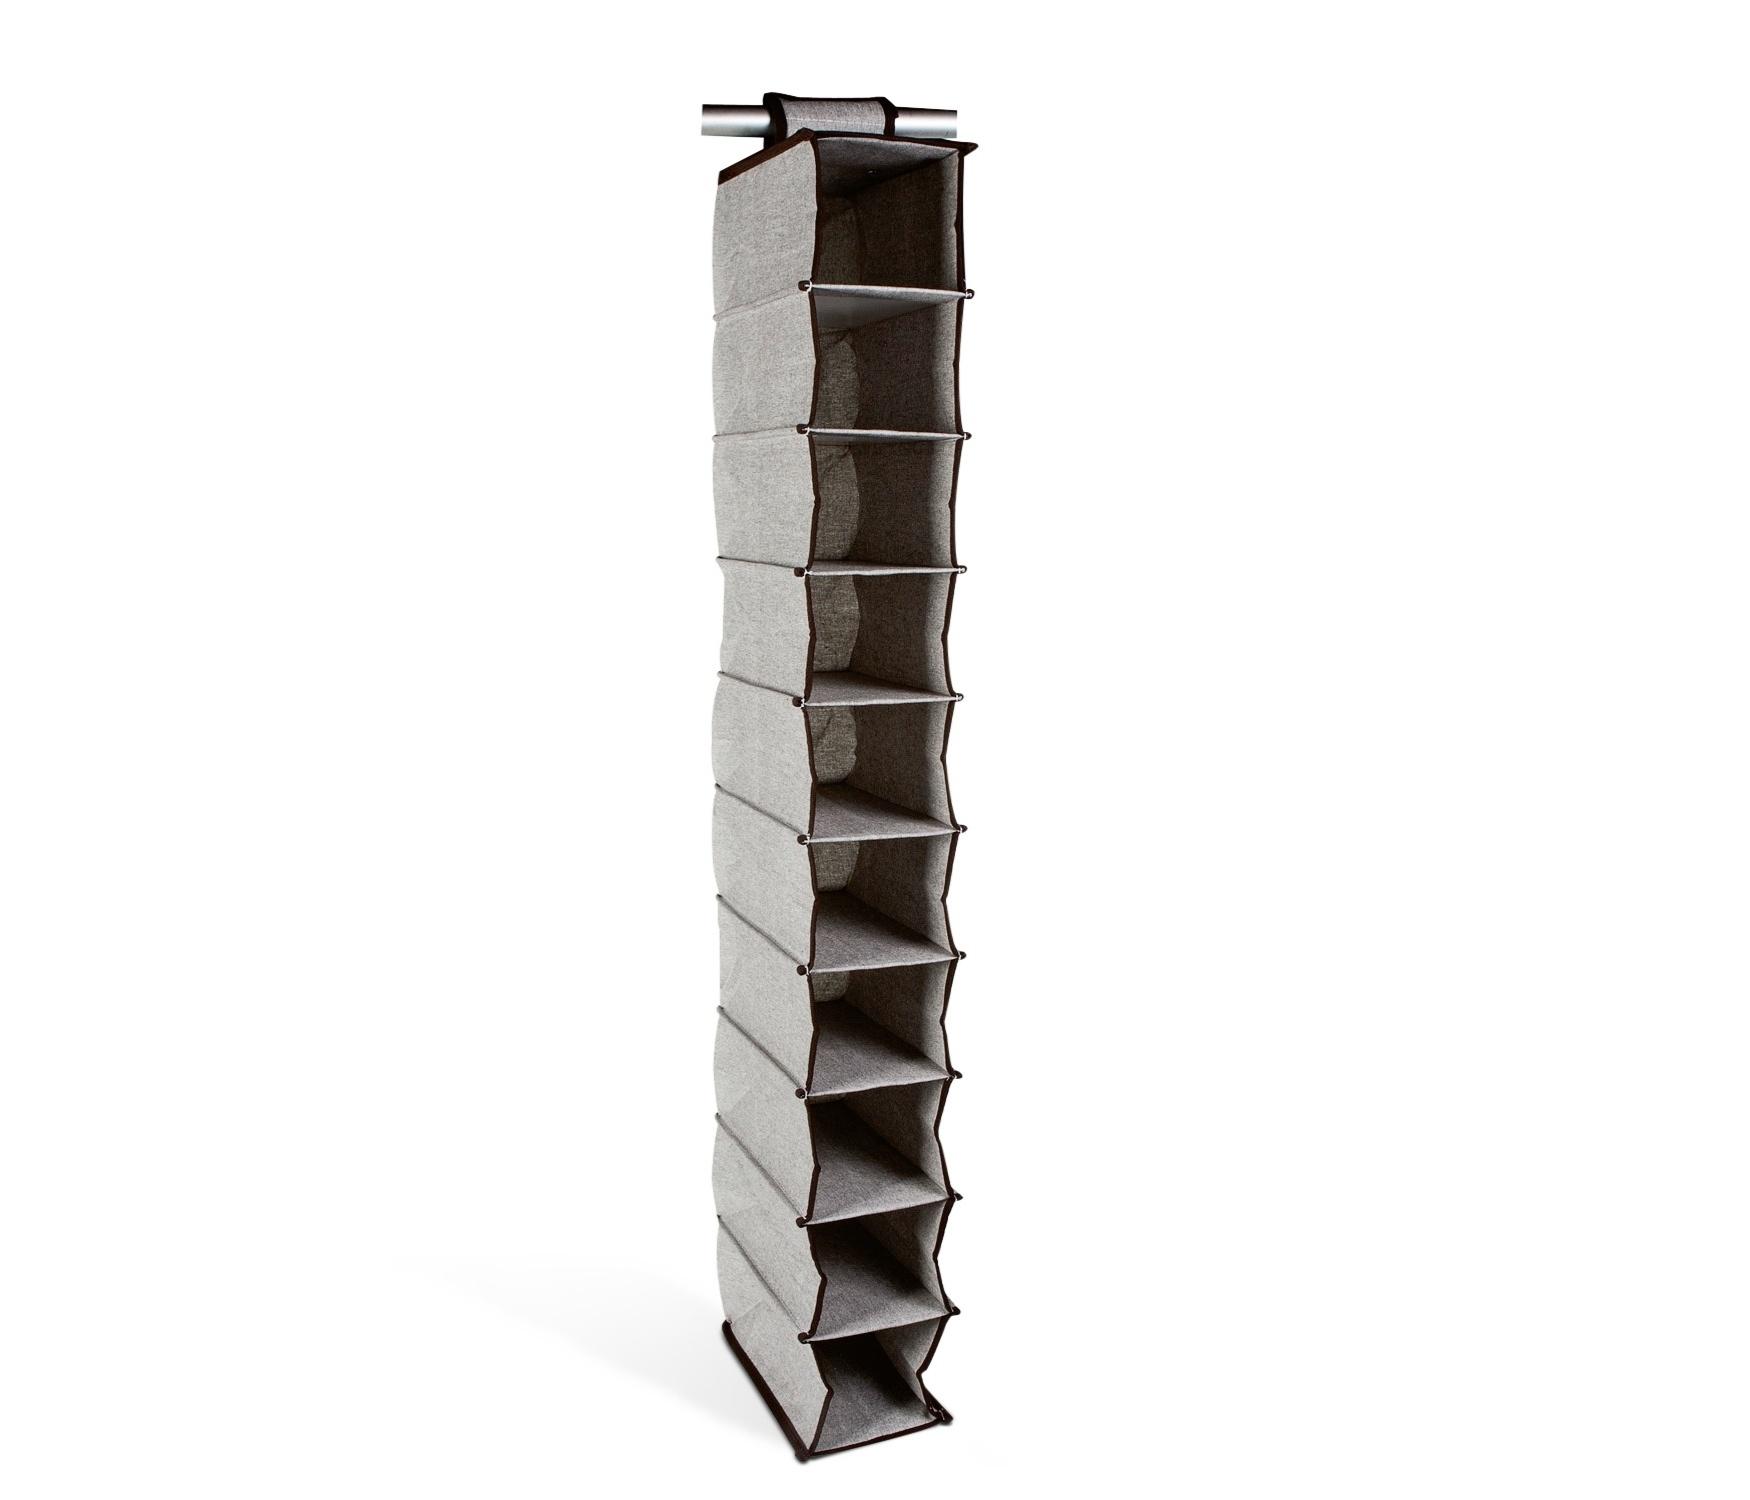 13.O organizador de sapatos é feito de lona e tem dez compartimentos. O produto é vendido na Etna (www.etna.com.br) por R$ 49,99 I Preços pesquisados em julho de 2014 e sujeitos a alterações